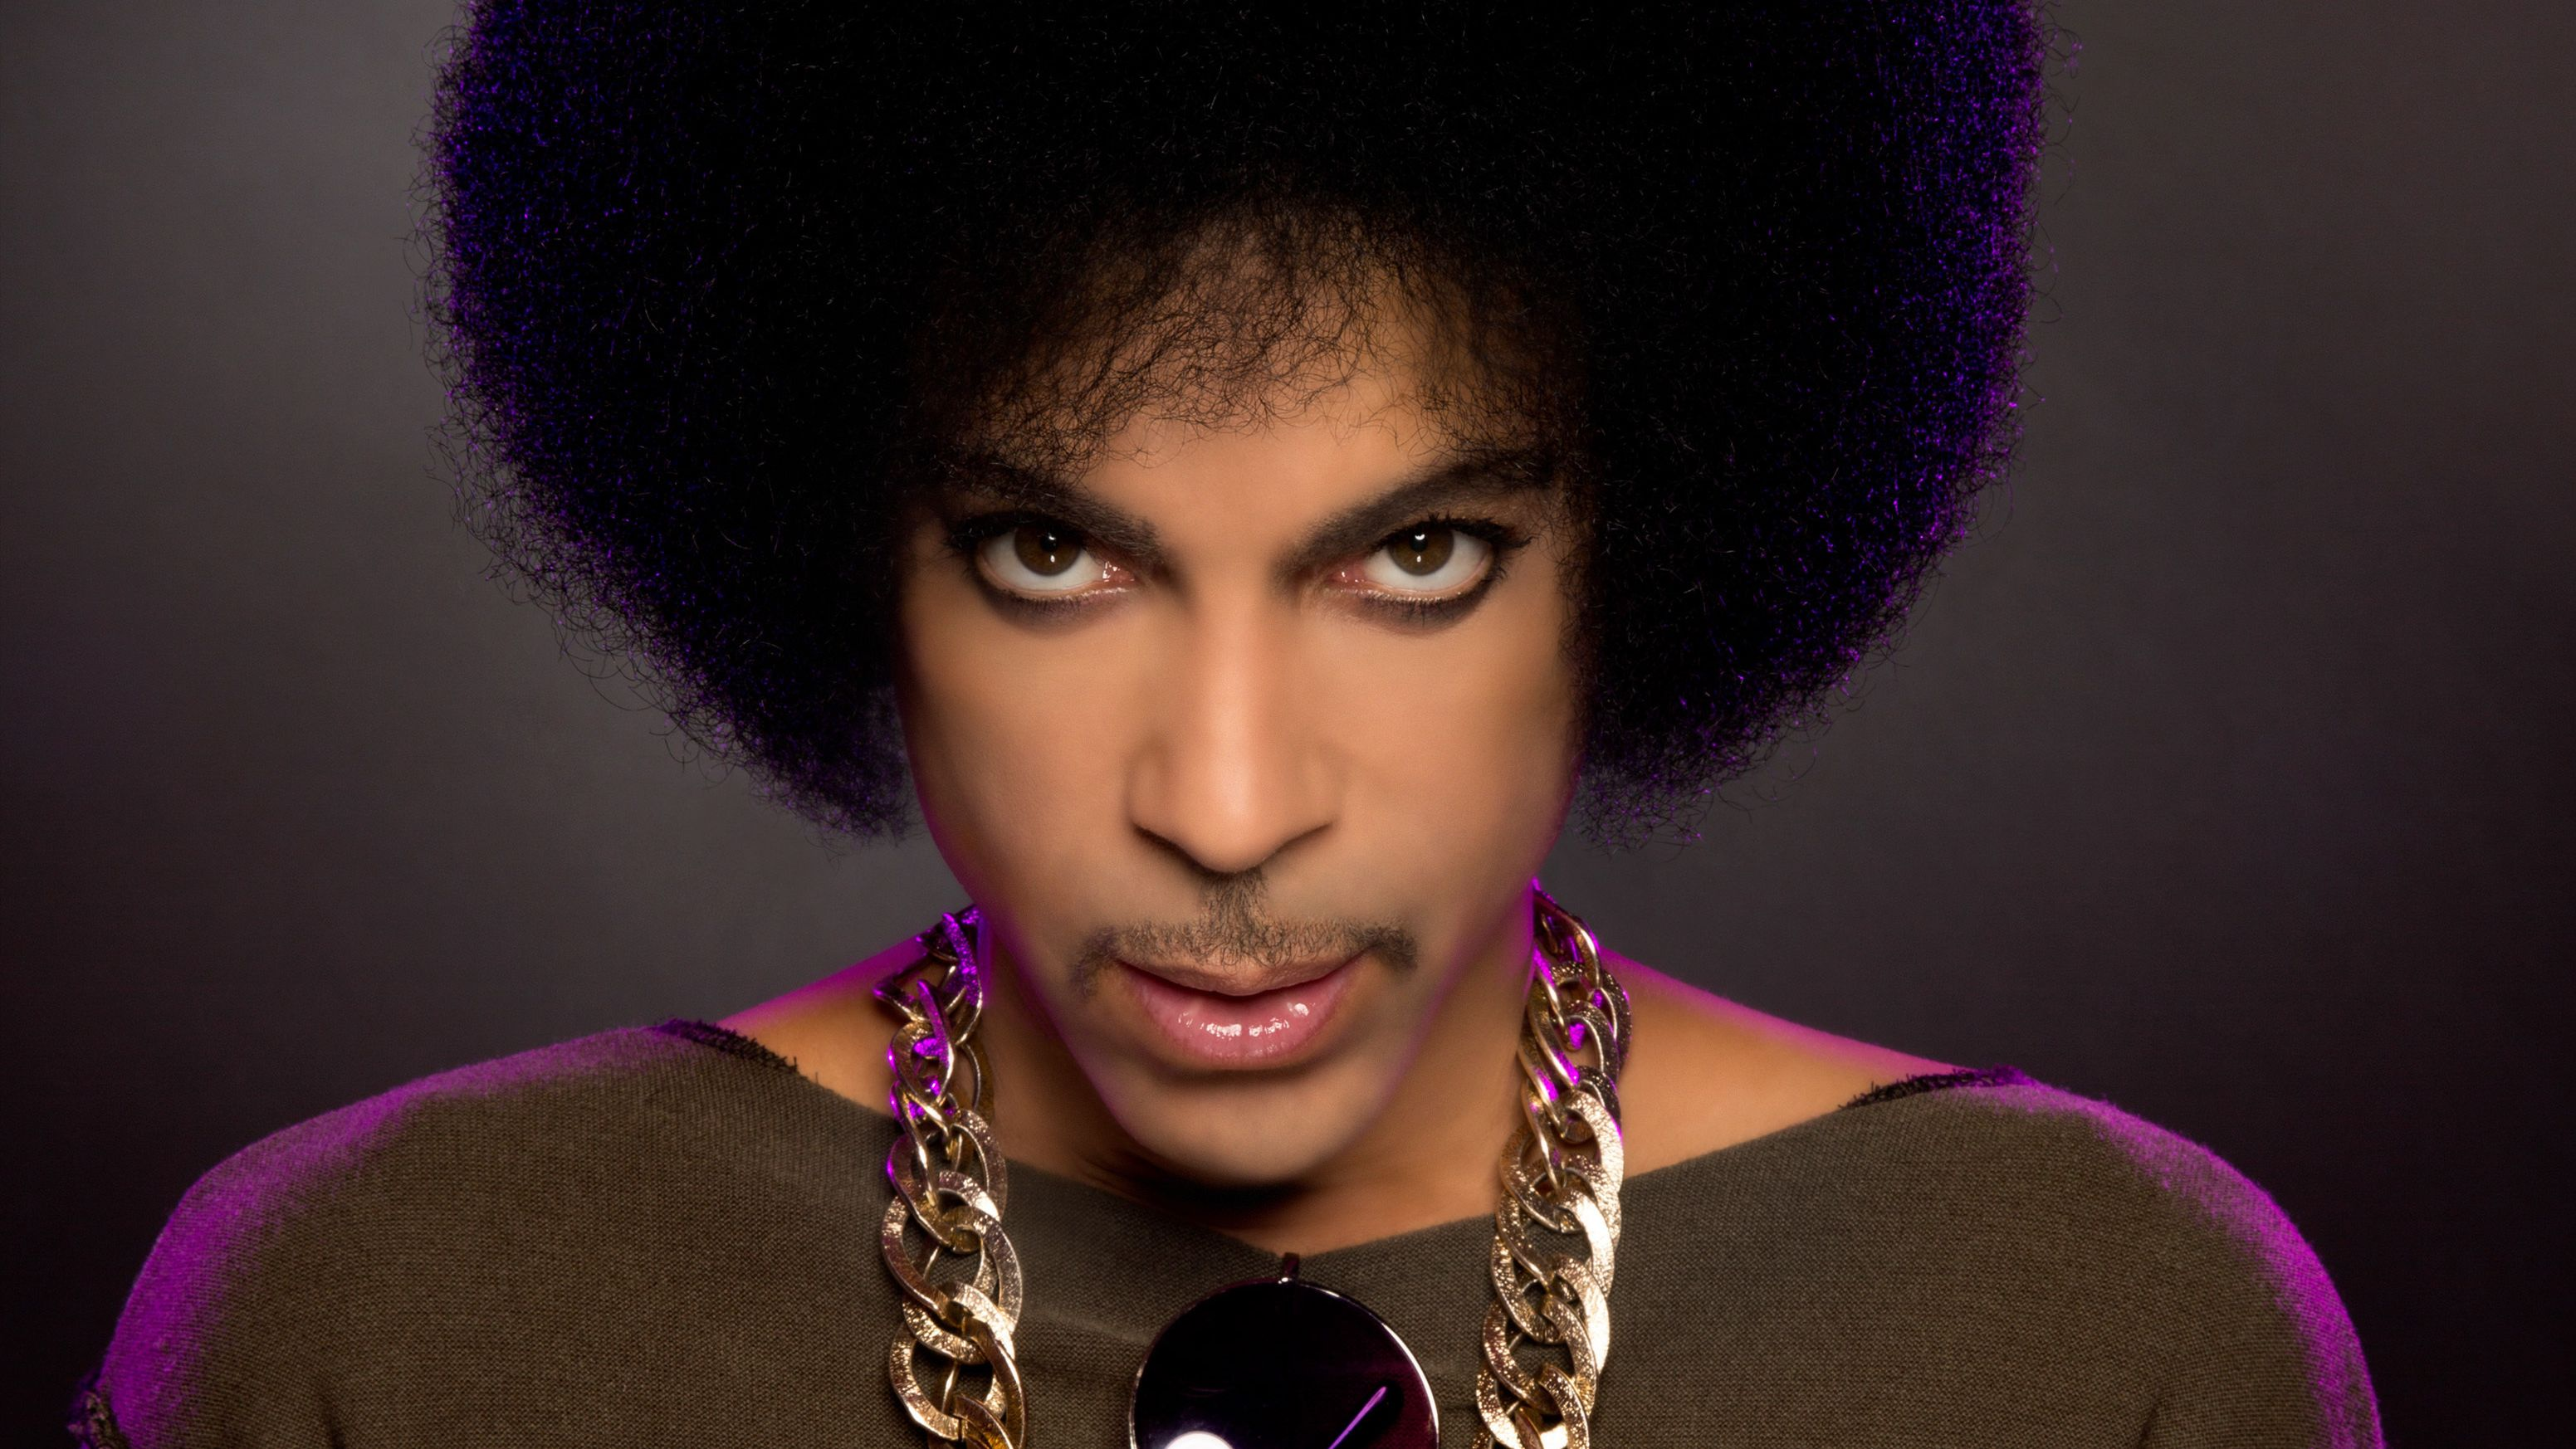 Popgenie Prince blickt, von hinten mit lilafarbenem Licht beleuchtet, intensiv in die Kamera (PR-Aufnahme 2014)